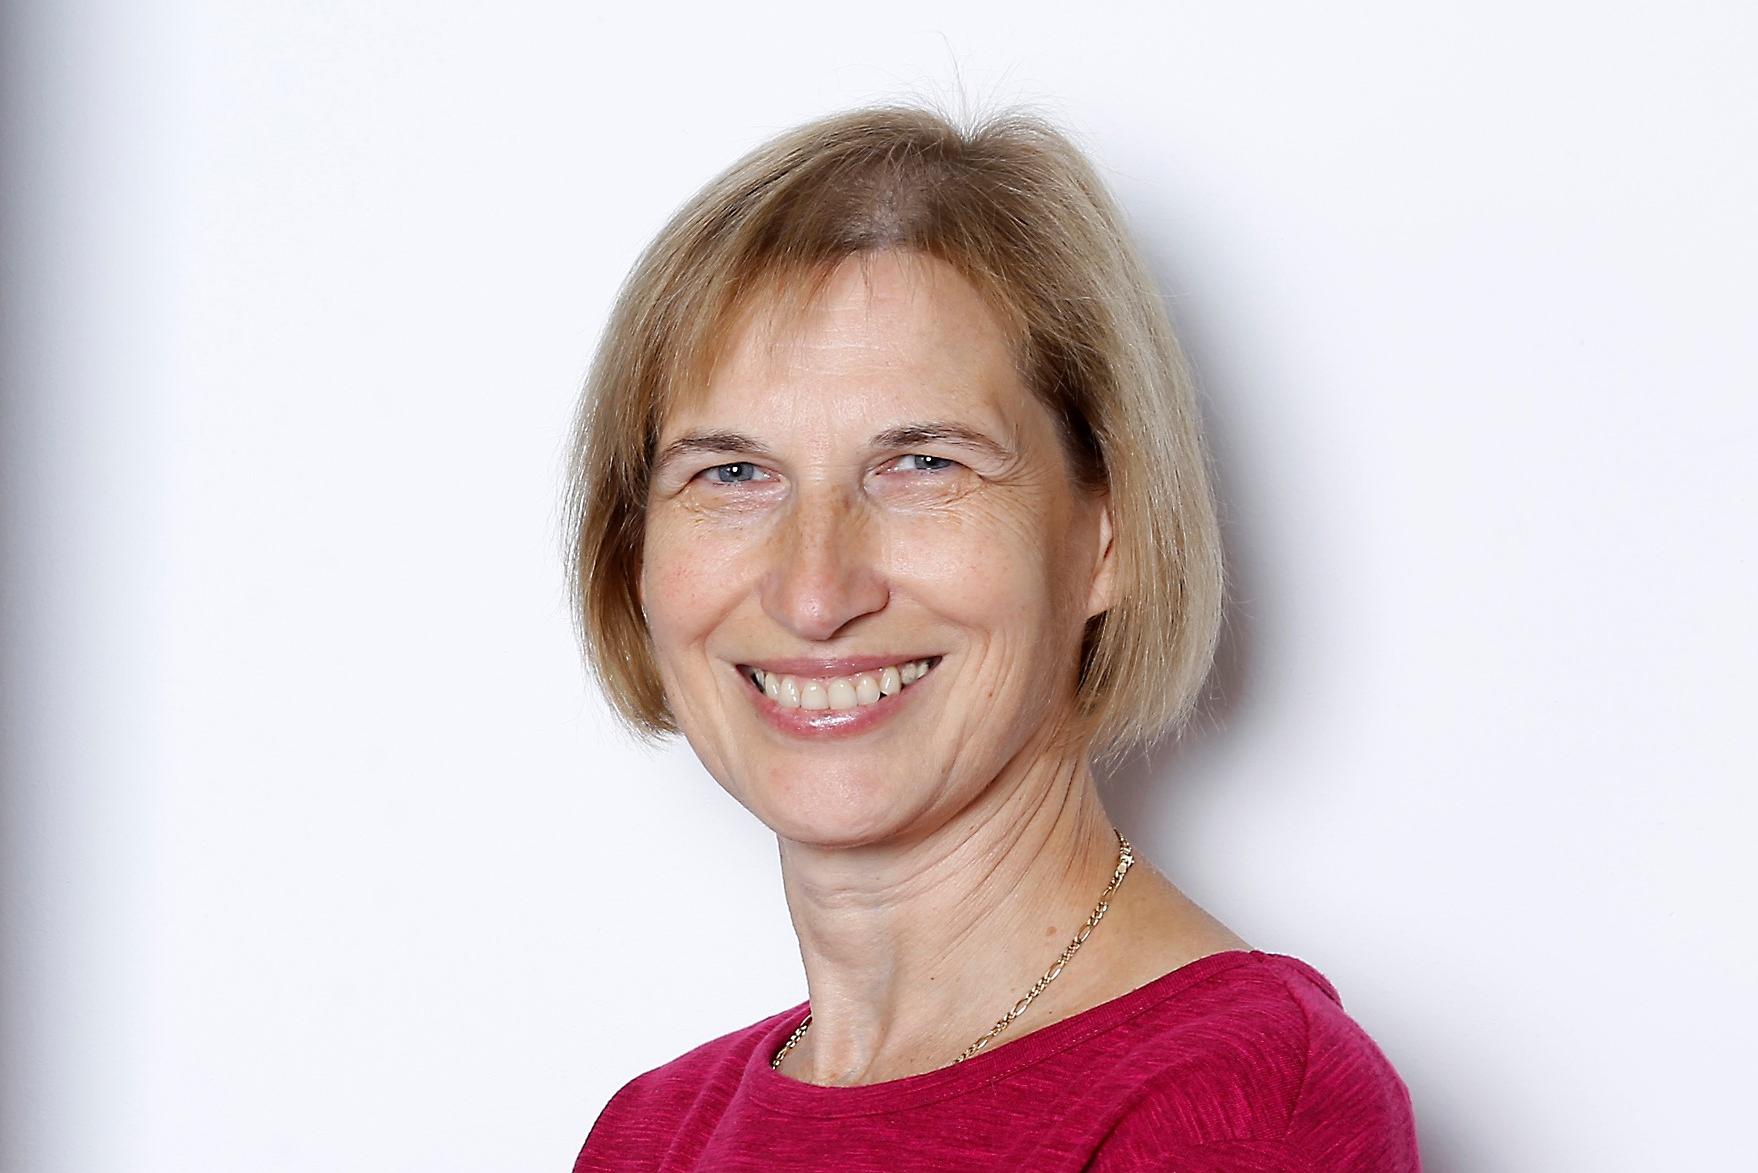 Ingrid Rönelt-Baumann